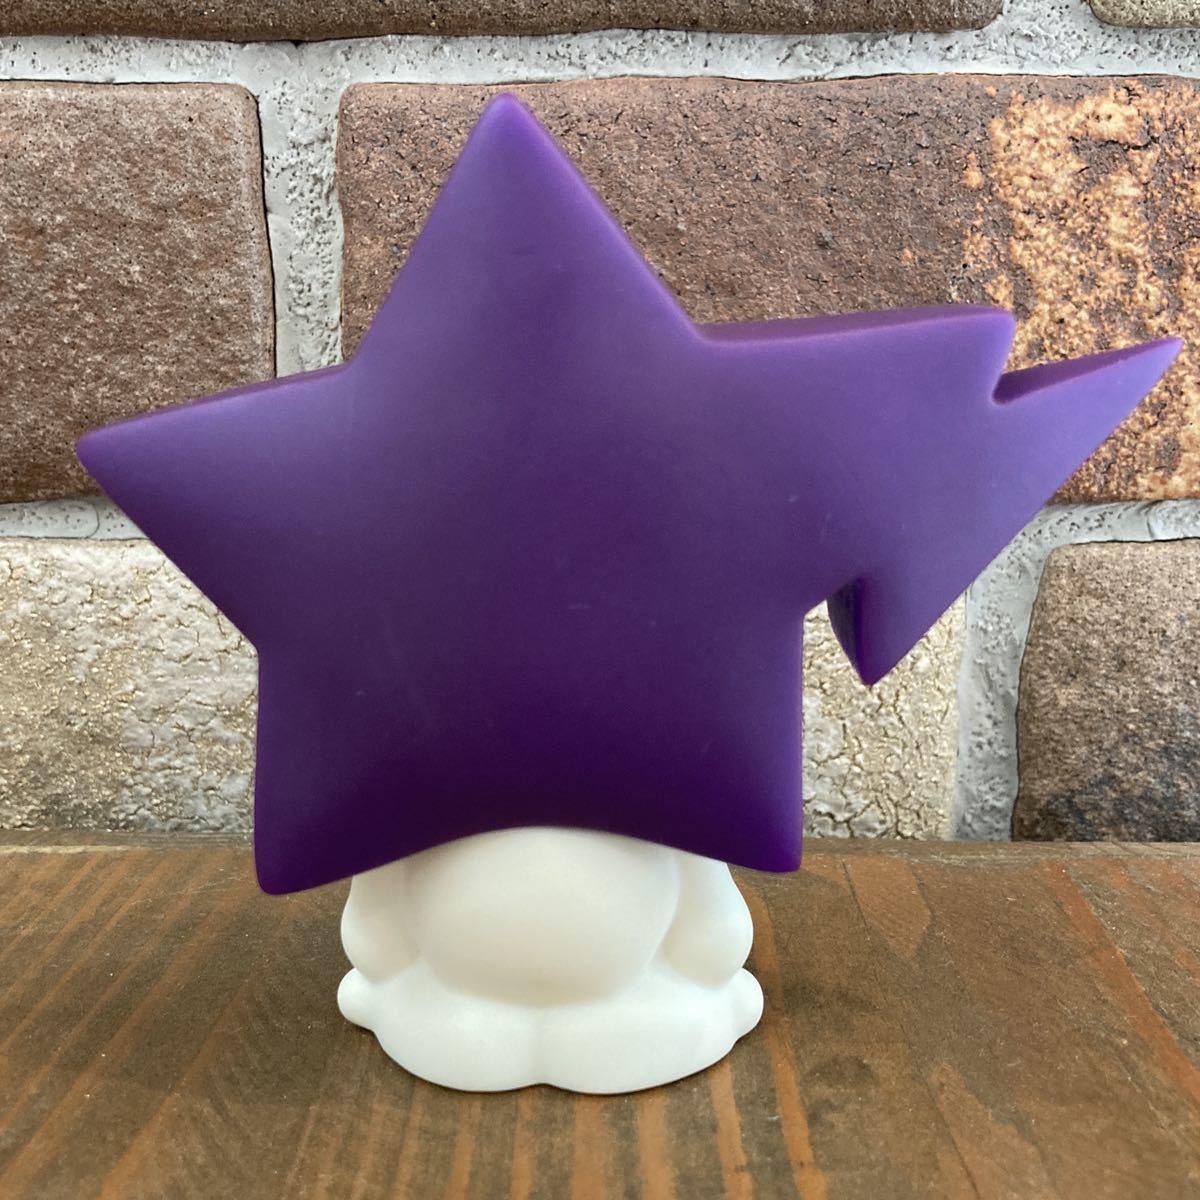 ★激レア★ bapesta フィギュア a bathing ape bape play sta エイプ ベイプ アベイシングエイプ スター star figure nigo purple 963